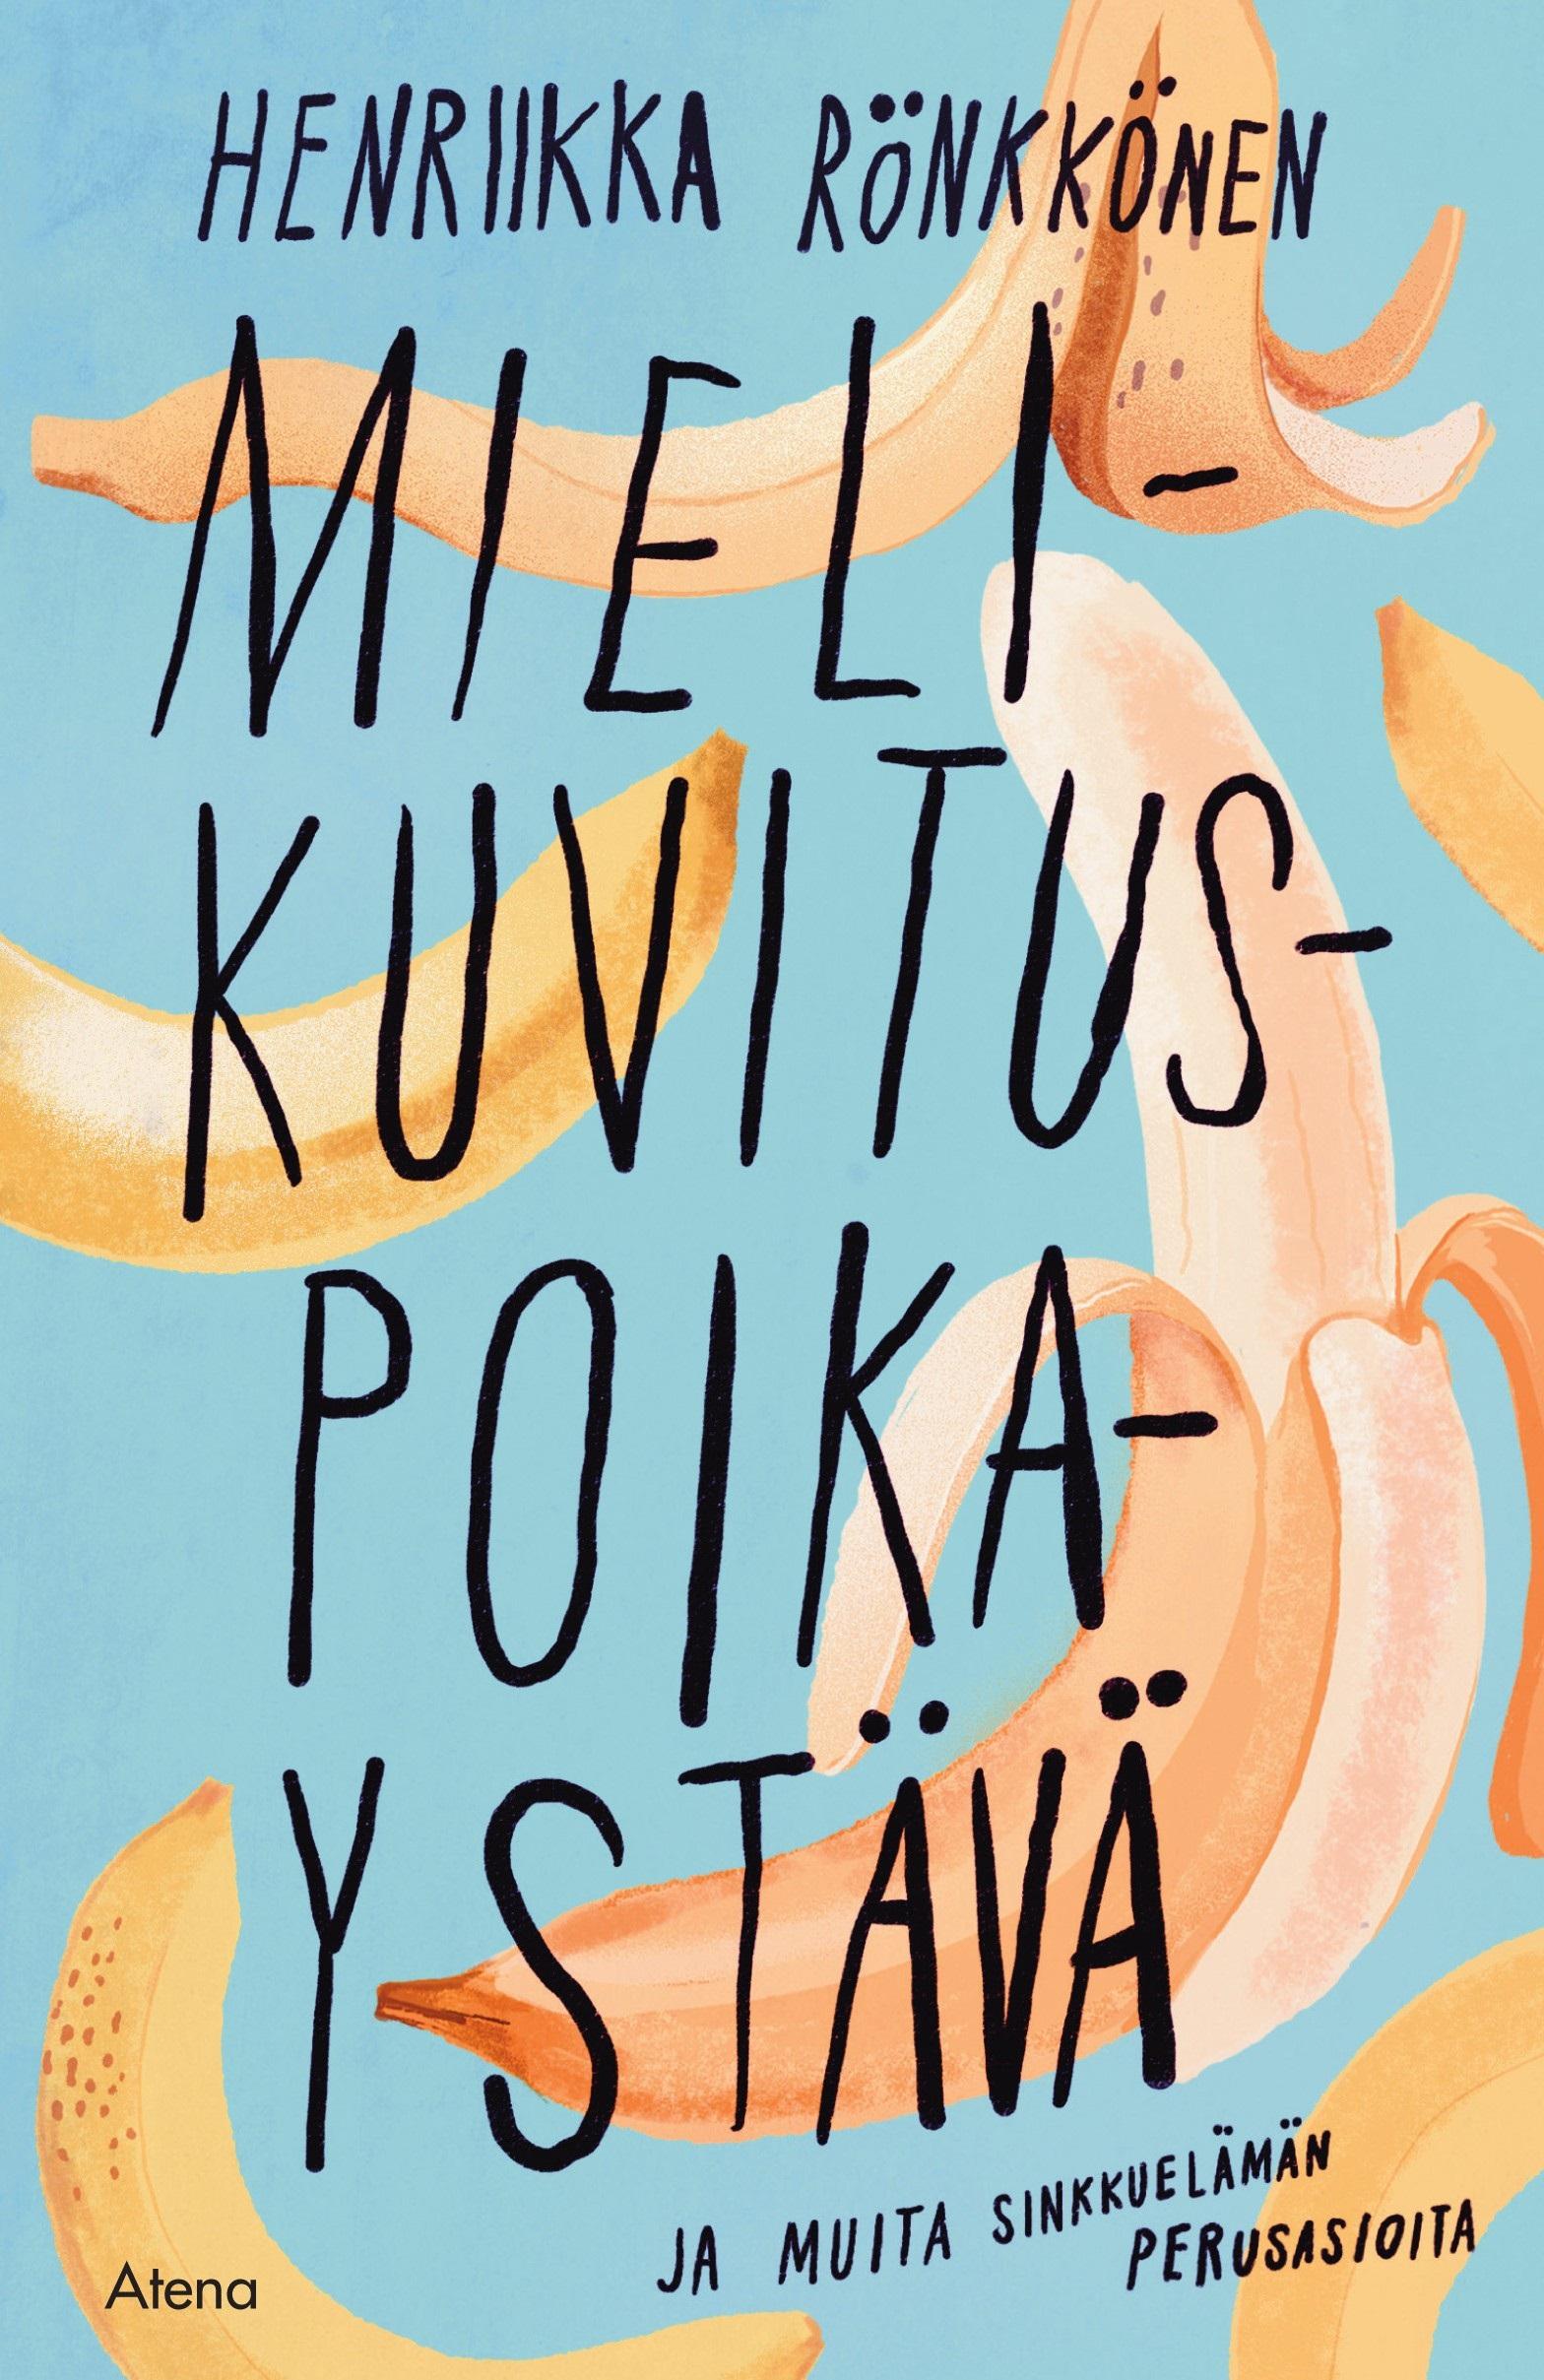 Rönkkönen, Henriikka - Mielikuvituspoikaystävä ja muita sinkkuelämän perusasioita, audiobook